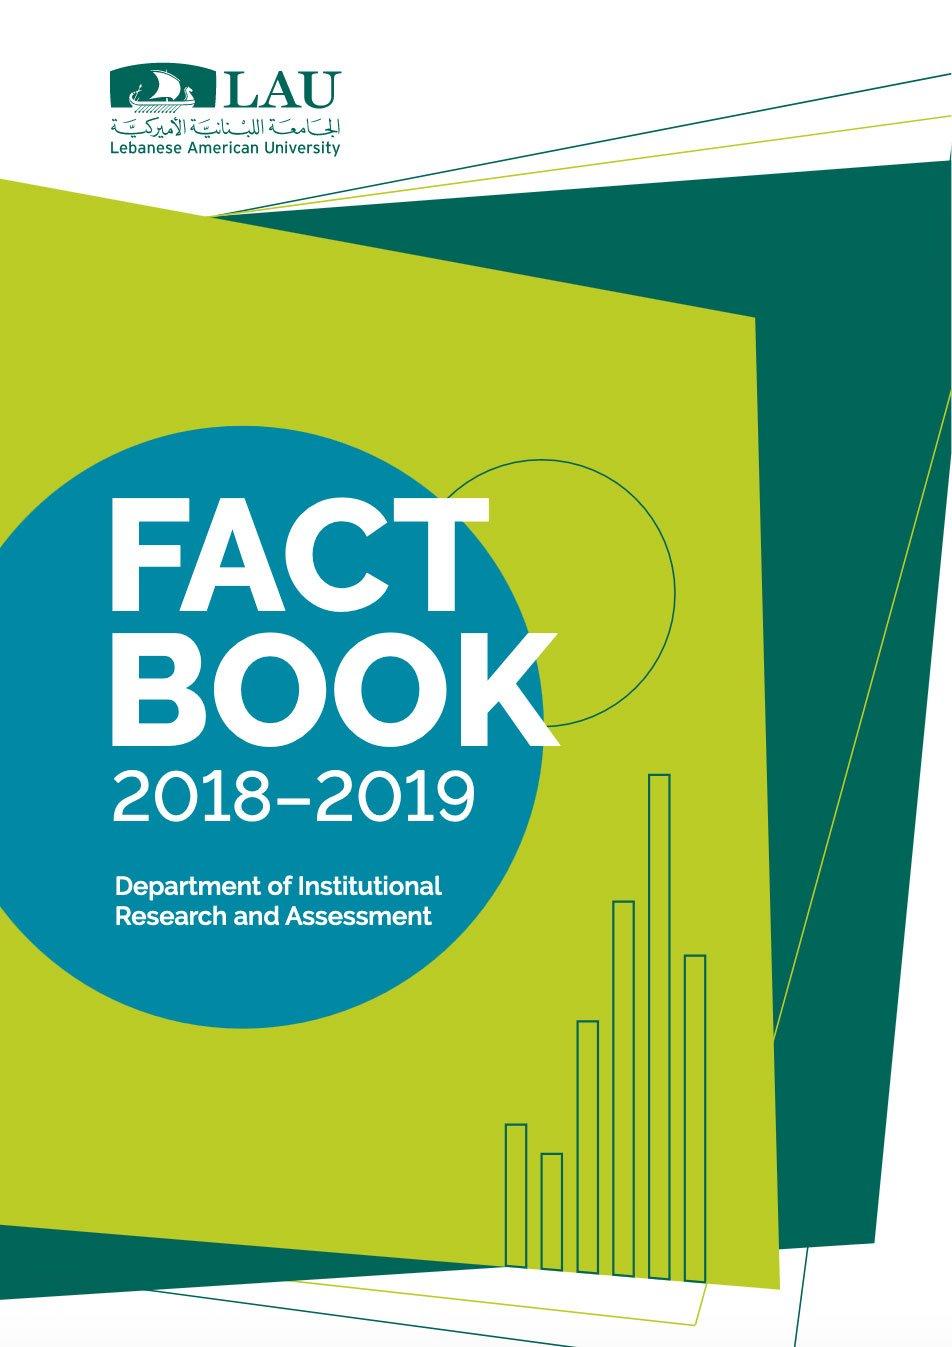 LAU Fact Book 2018-2019 Photo